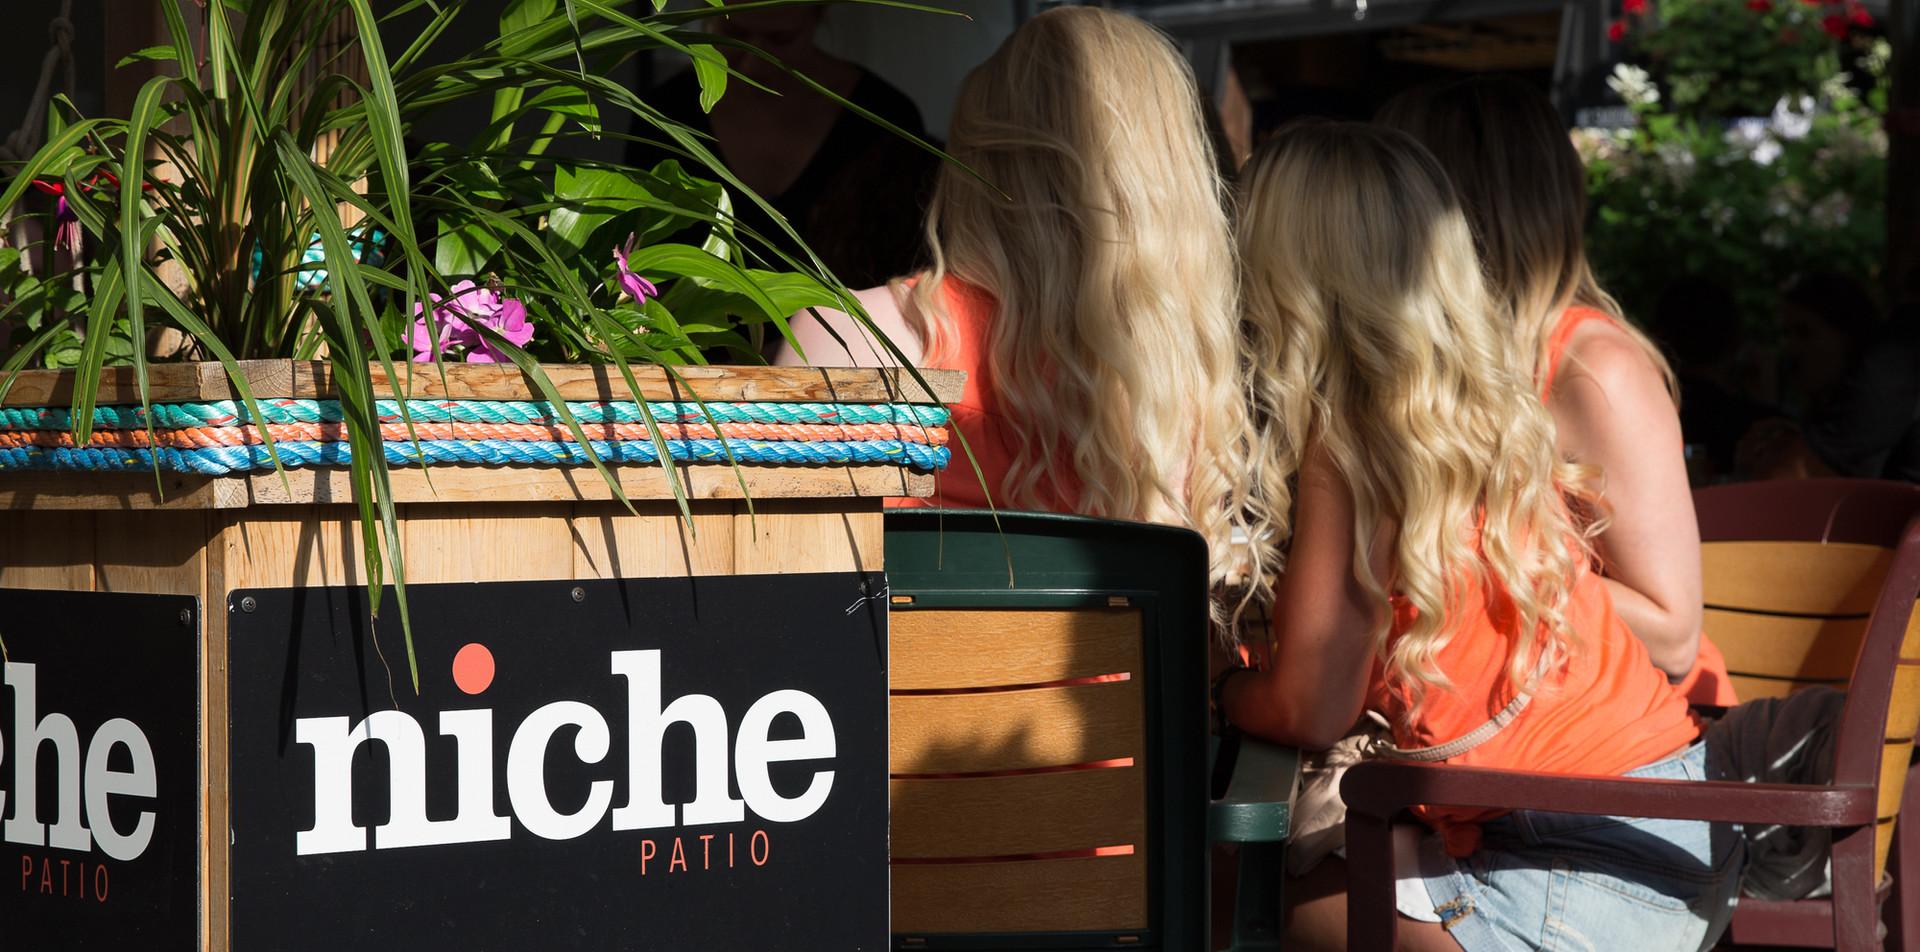 niche_patio_summer_2017-0032.jpg